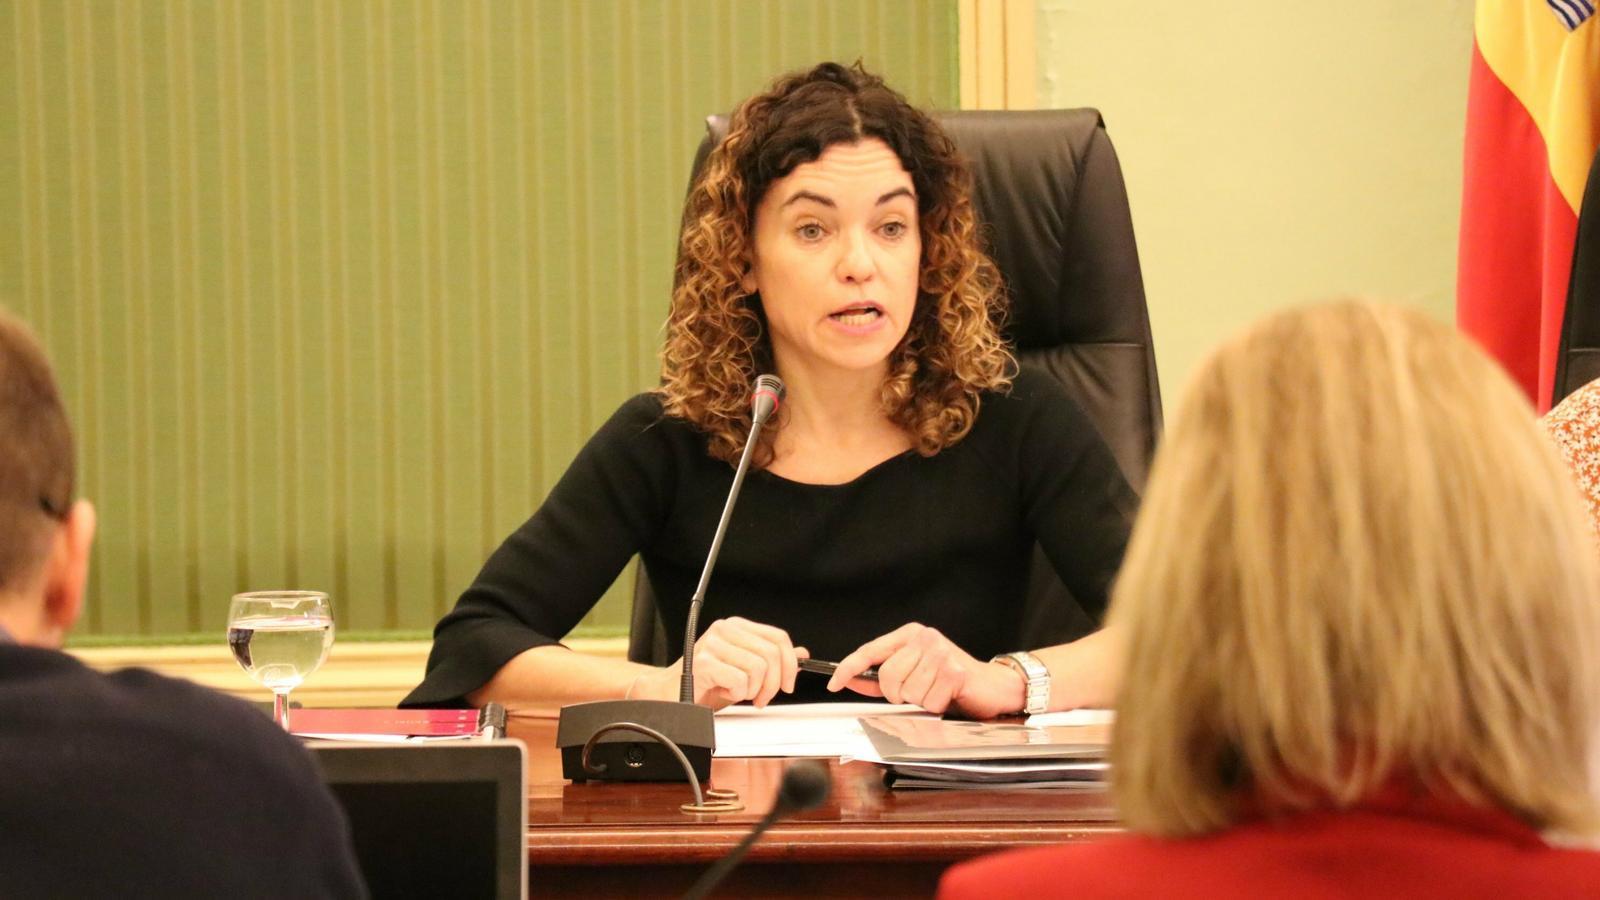 La conseller d'Hisenda i Funció Pública, Rosario Sánchez